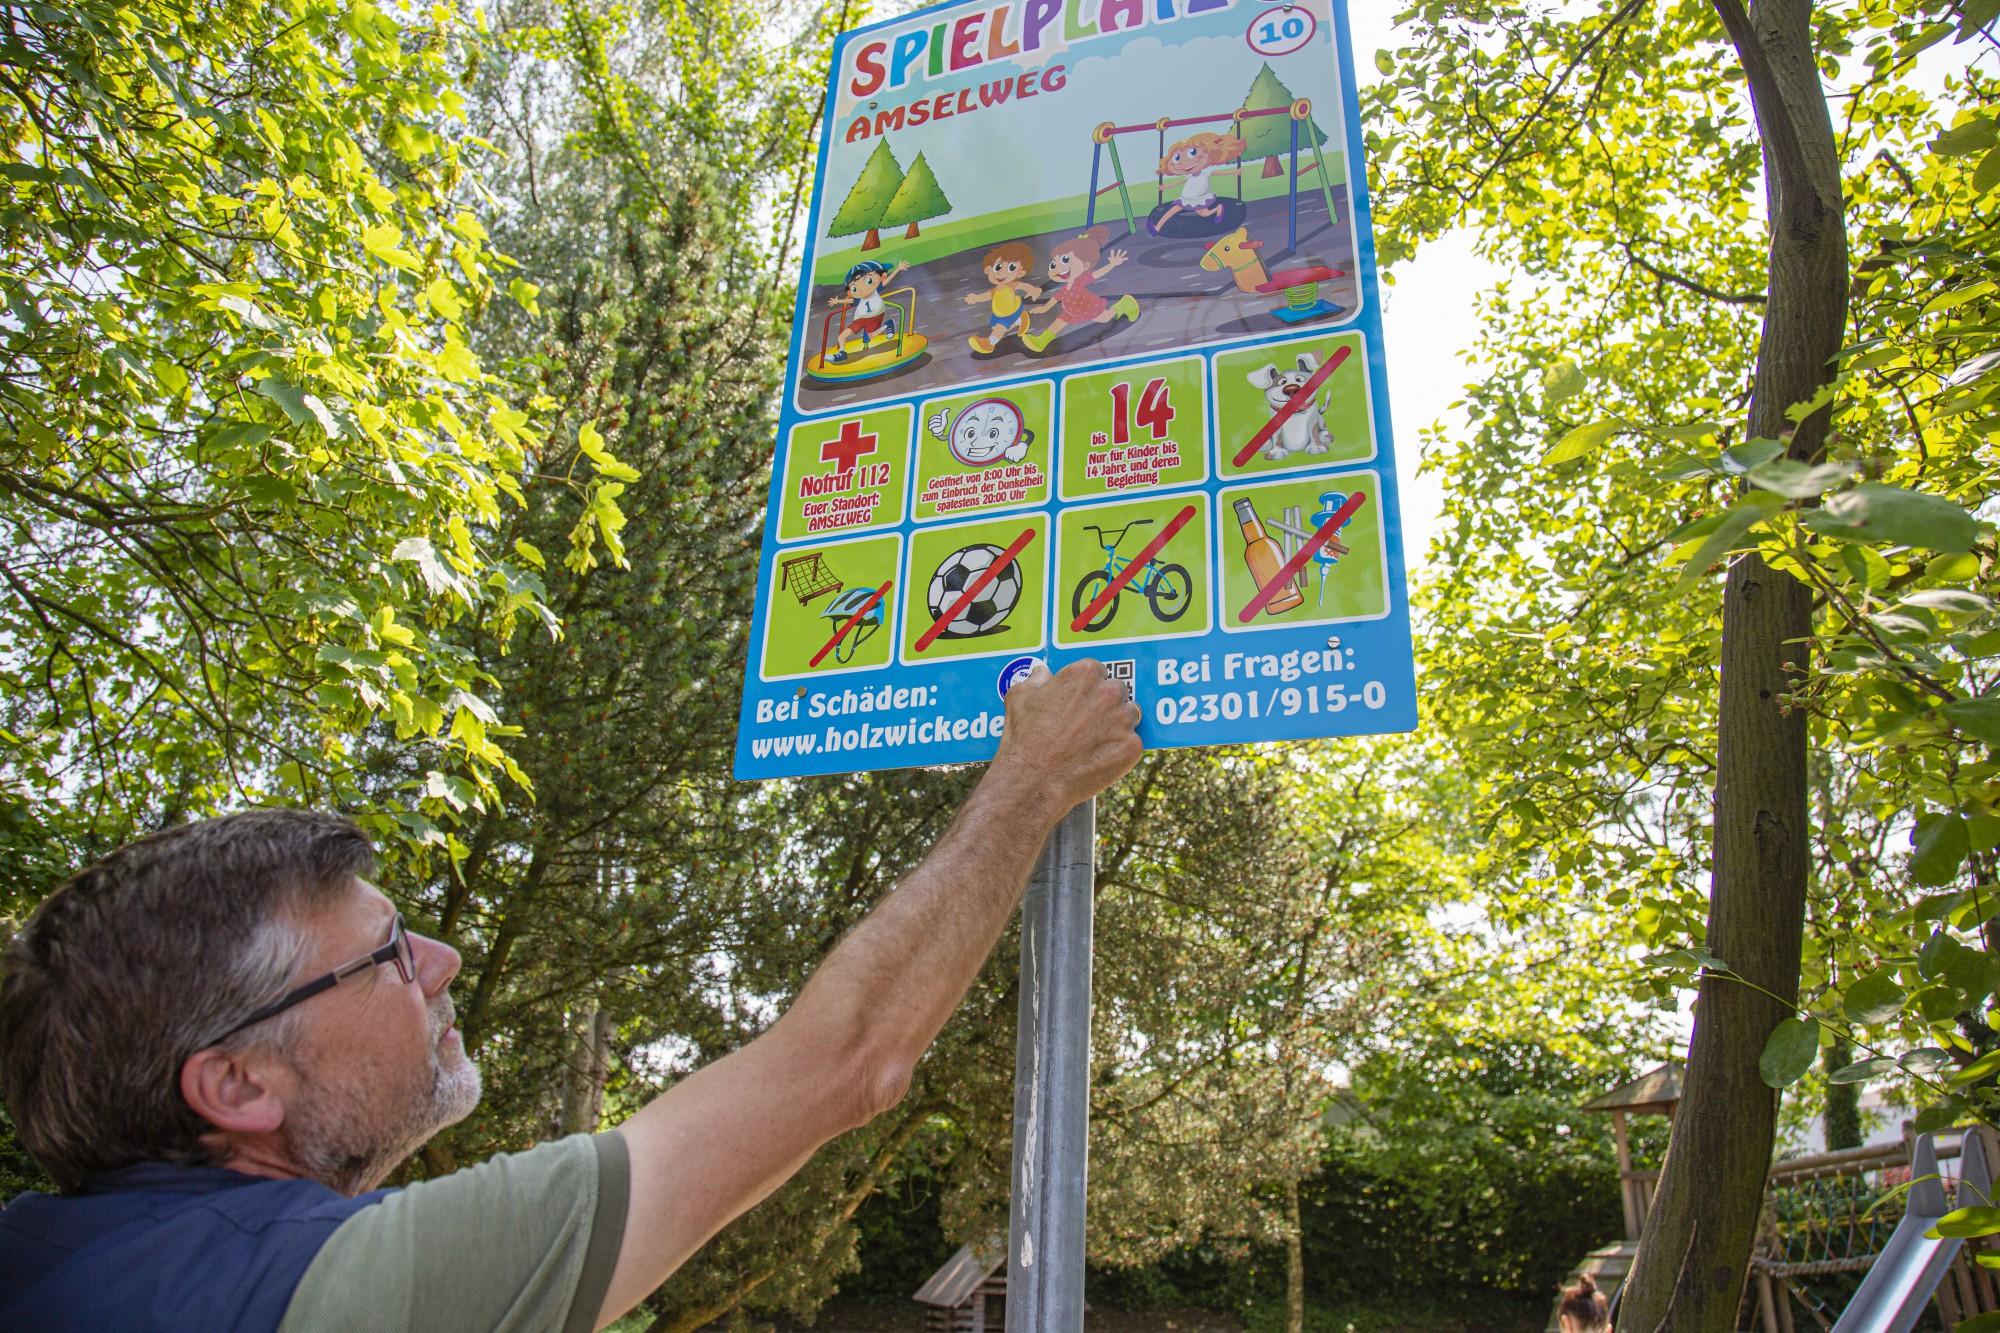 Neuer Spielplatz im Norden: SPD unterstützt Bürgerantrag  aus dem Krummen Weg